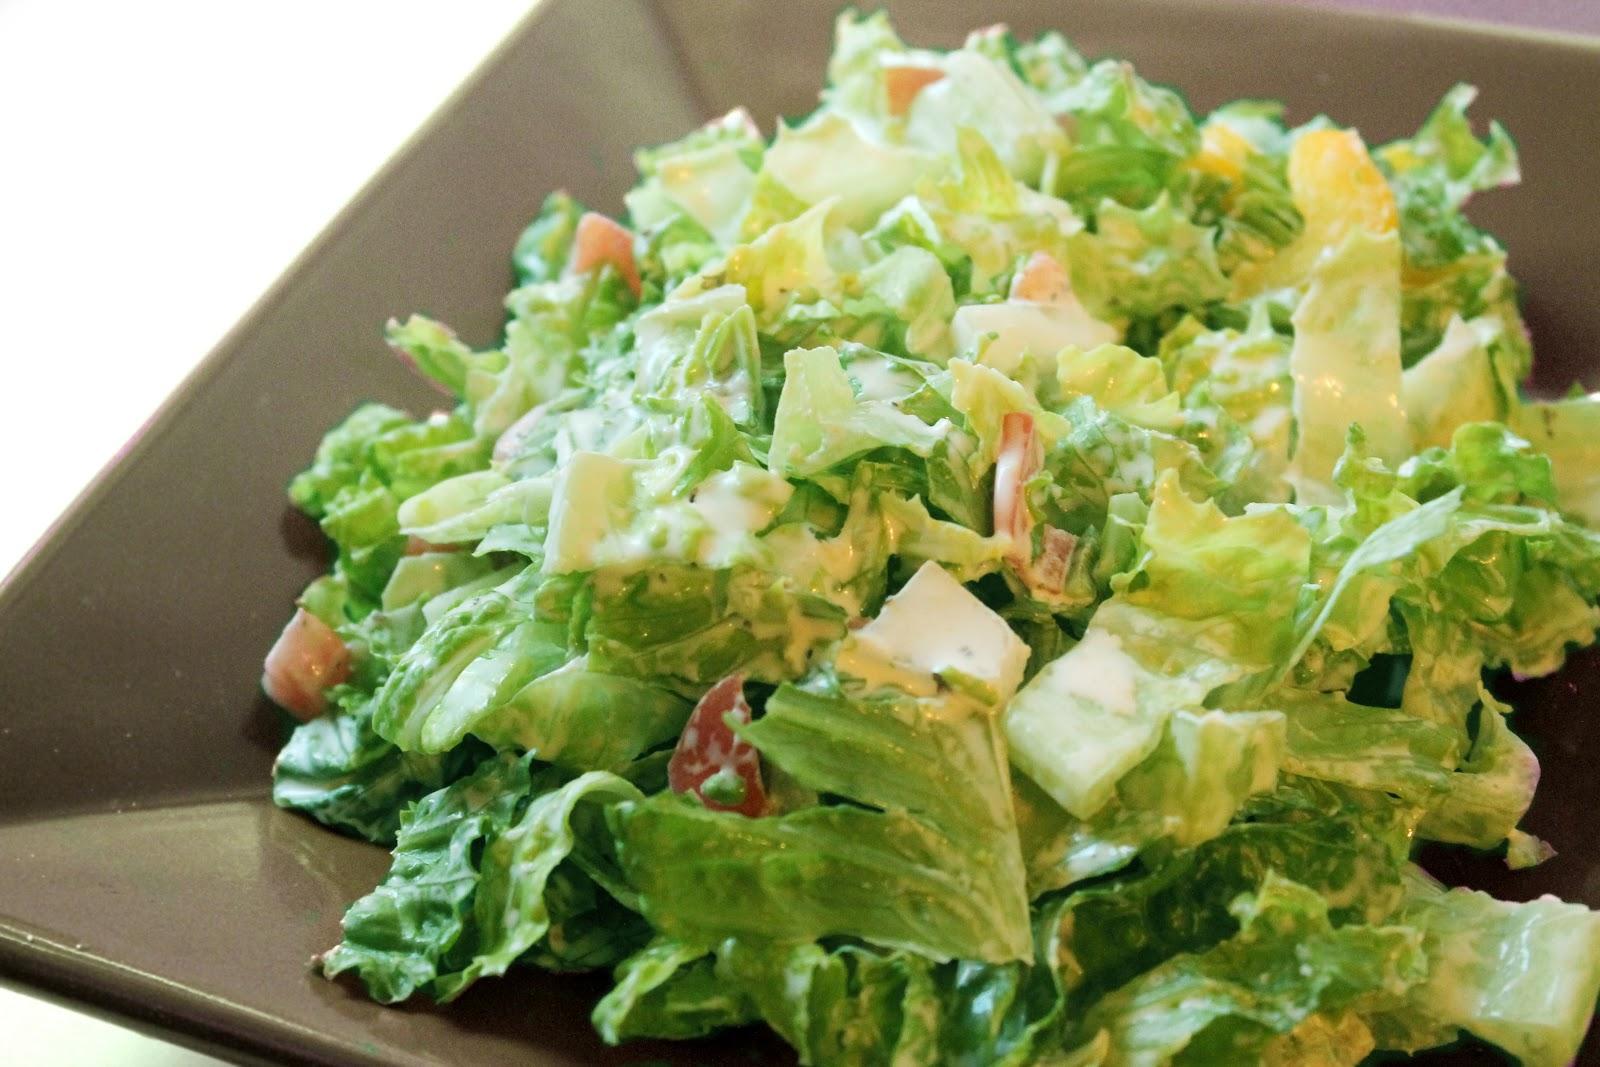 We Lived Happily Ever Afterolive Garden Salad Dressing Taste A Like We Lived Happily Ever After